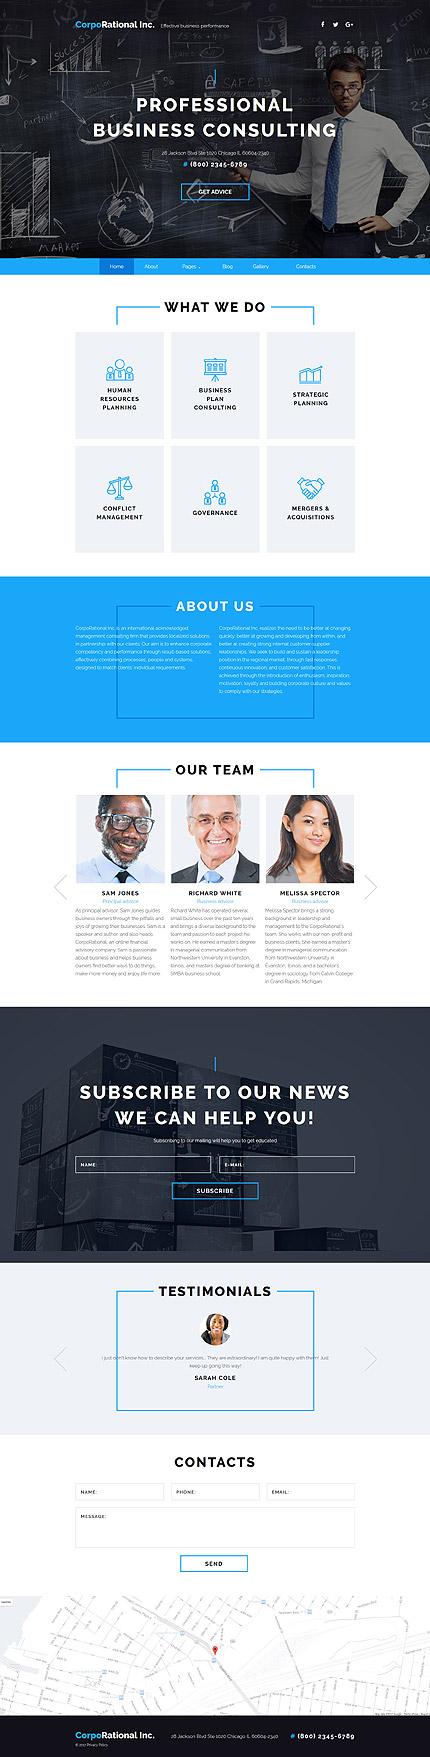 TM 62157: Просмотр главной страницы Joomla